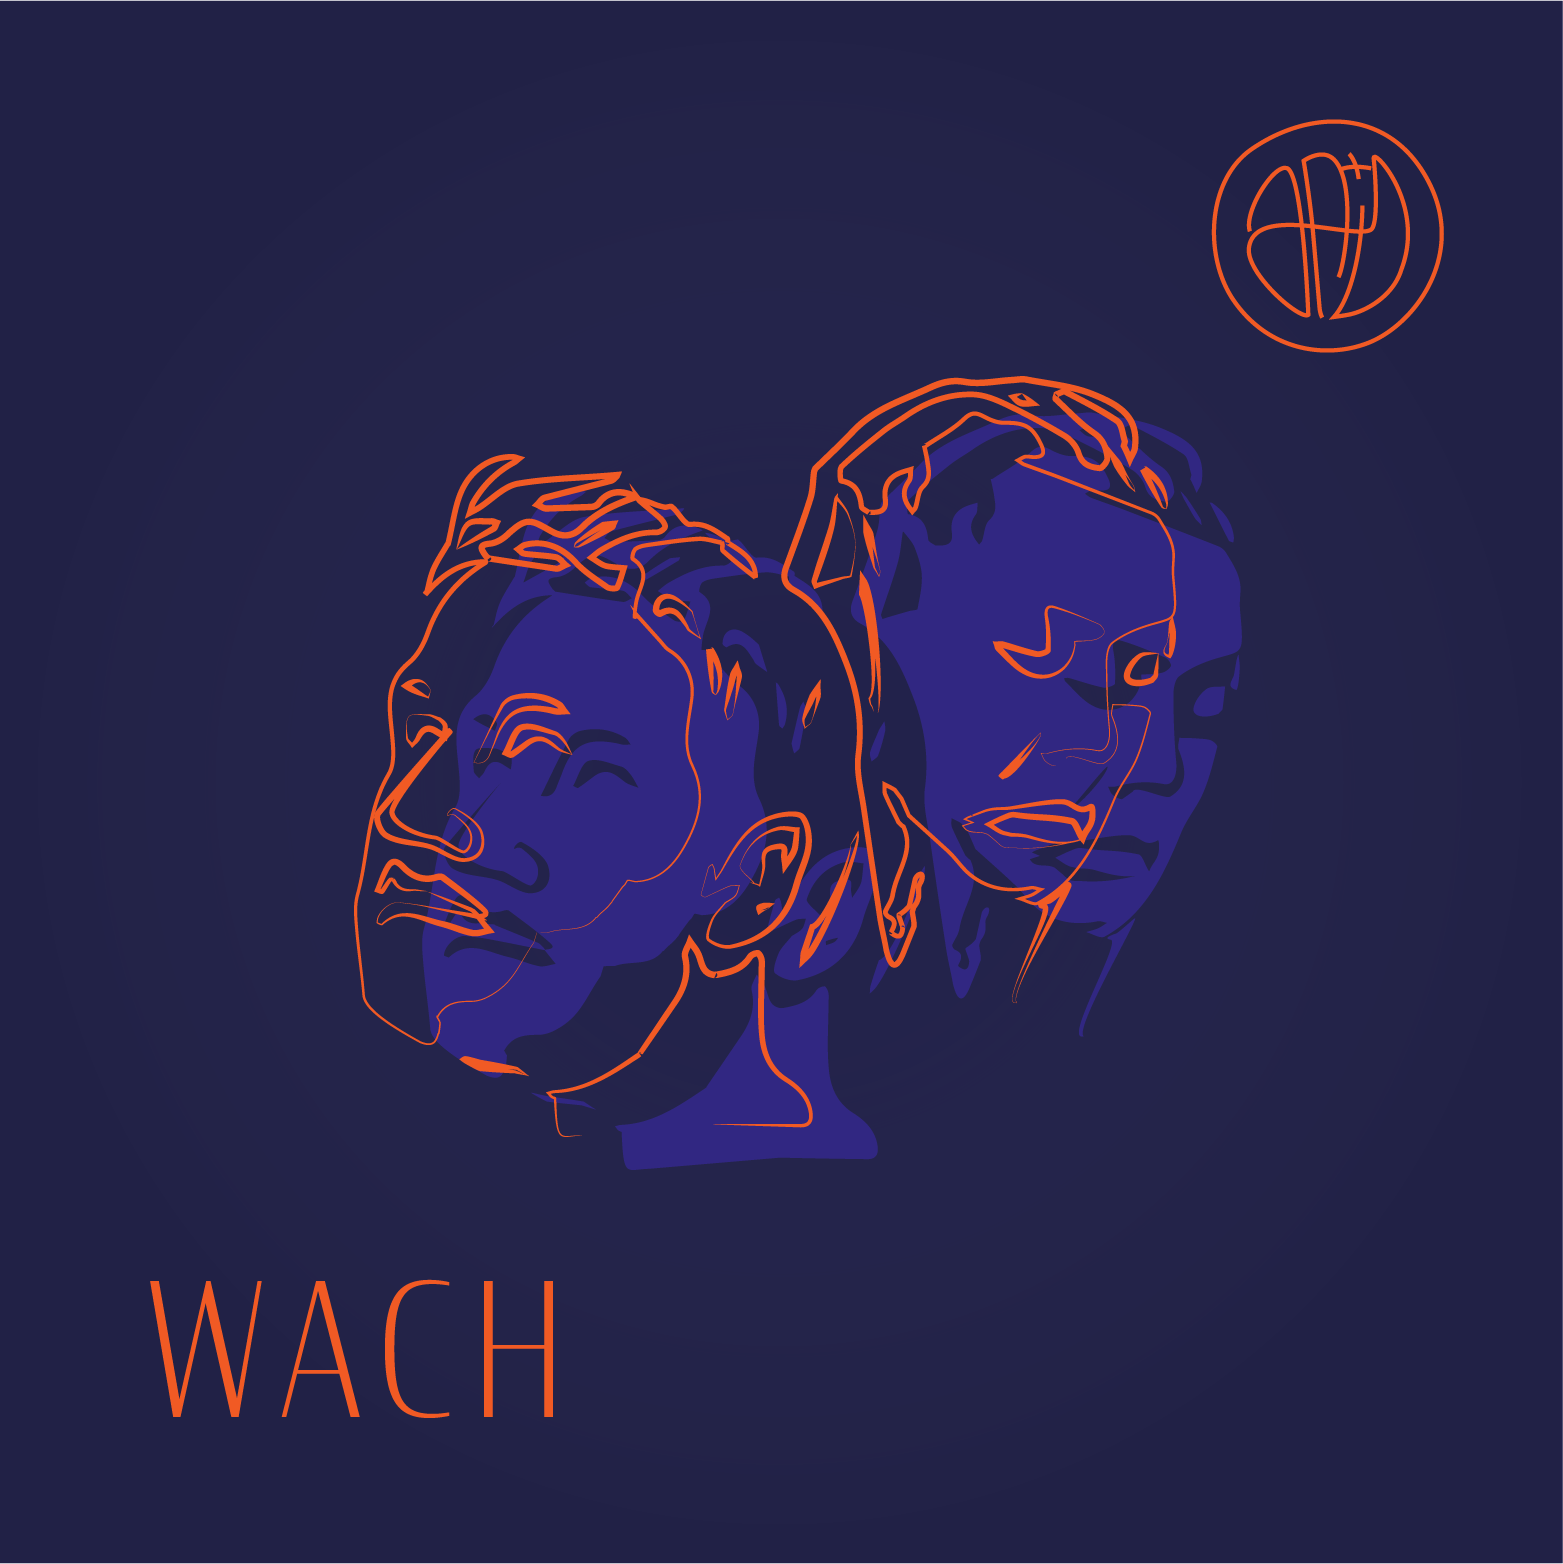 Upcoming: JAID - Wach